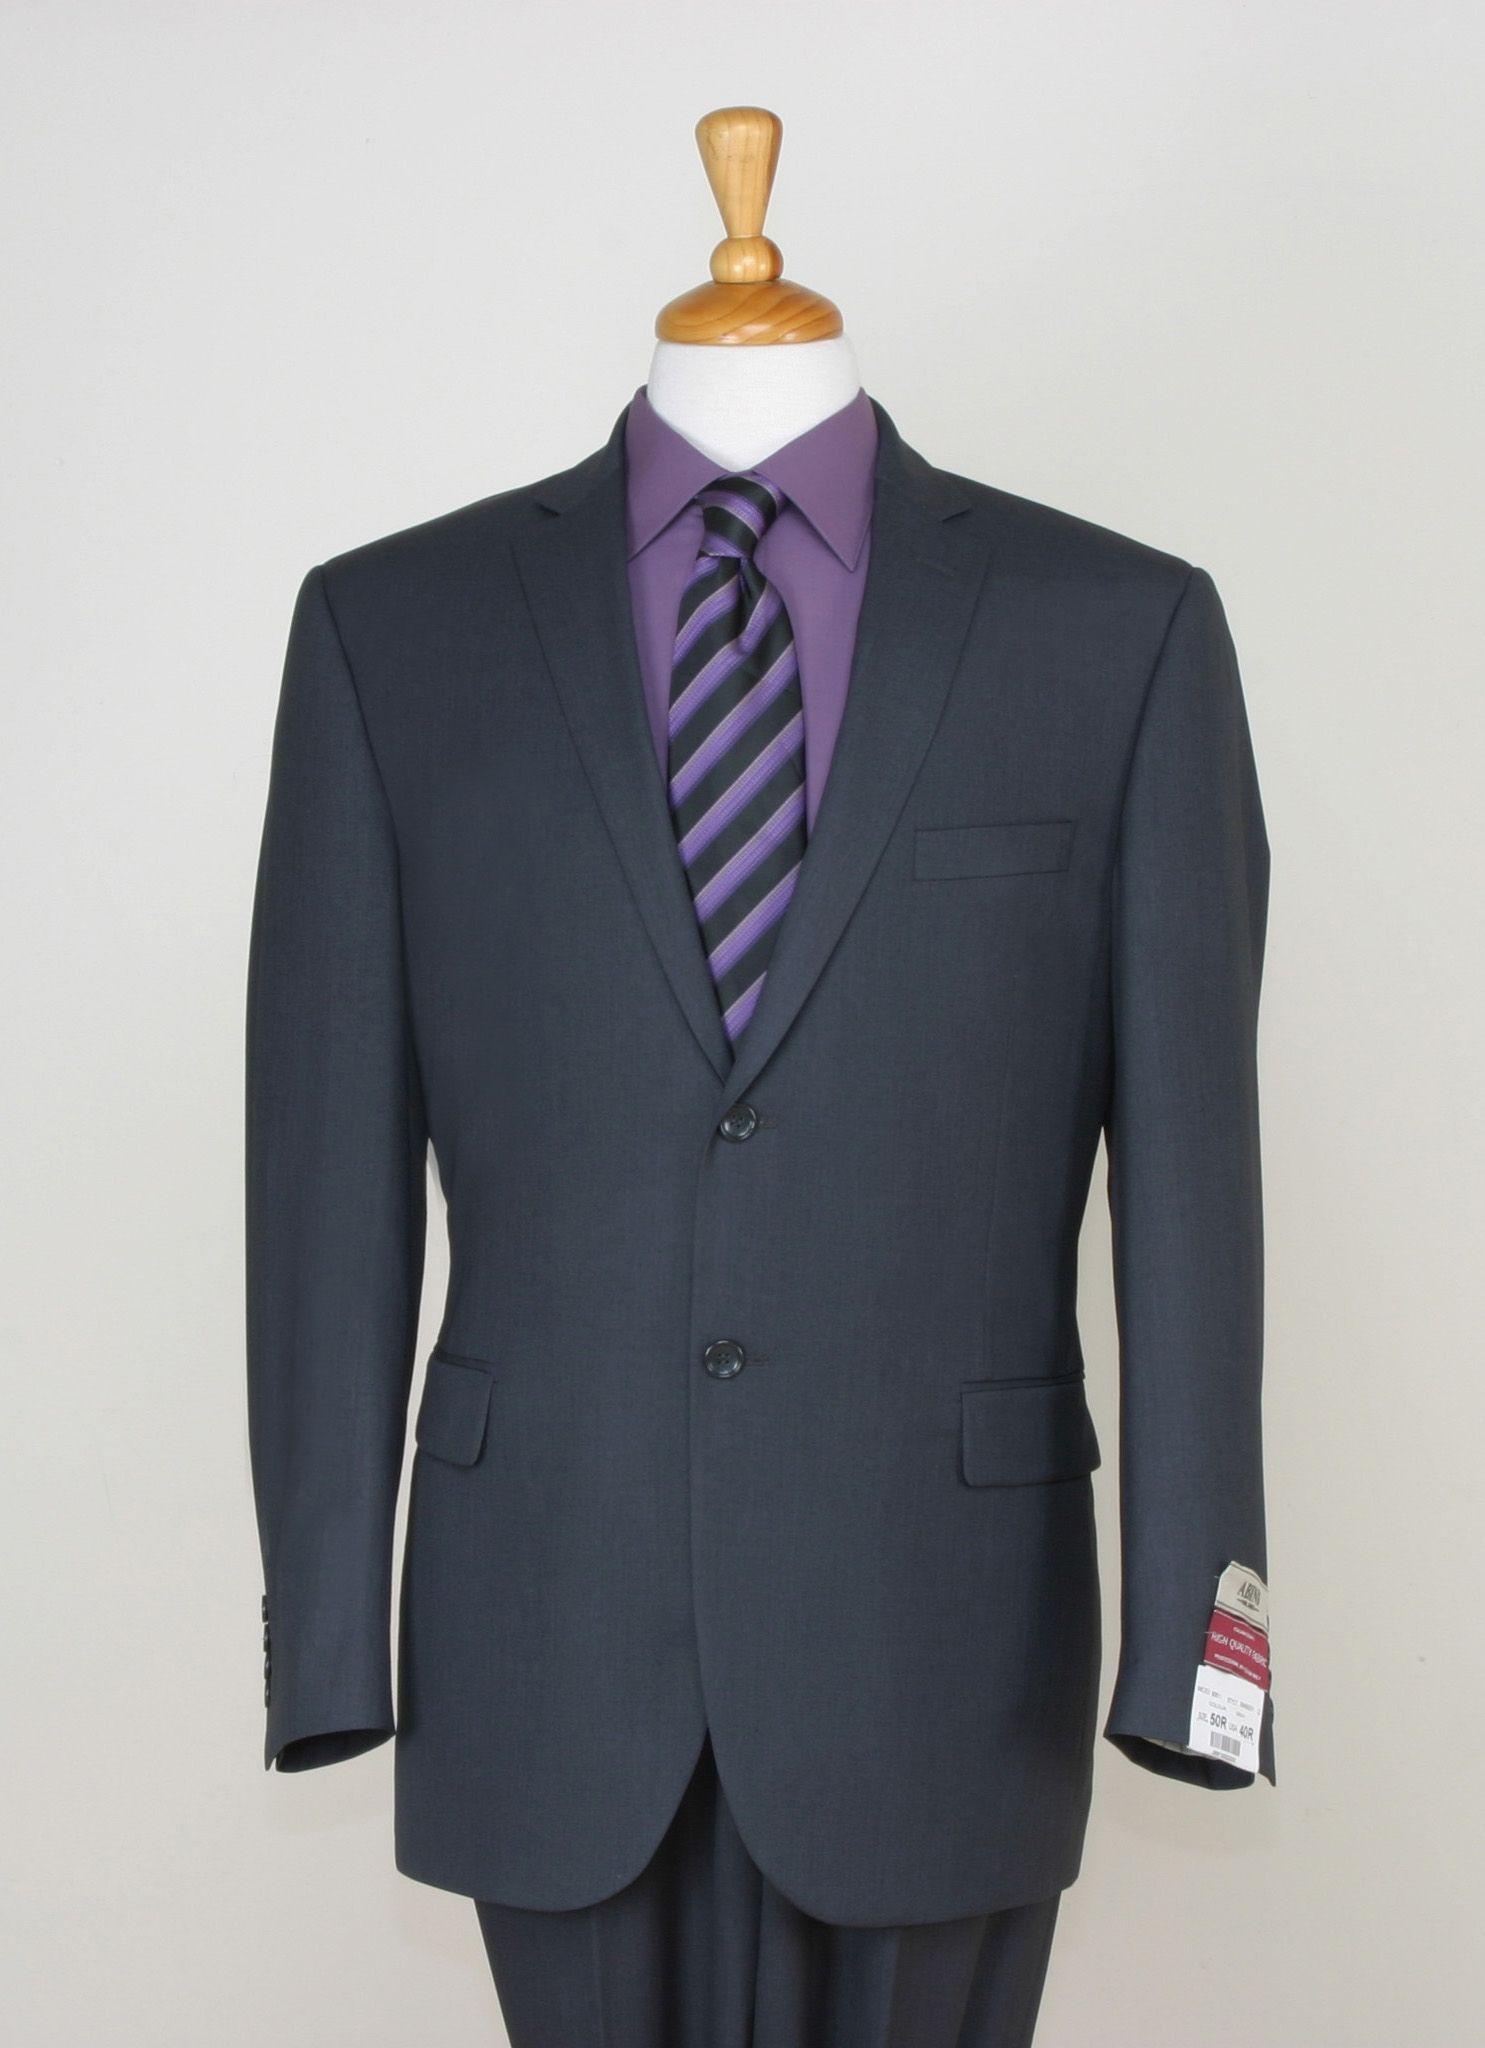 94206344184 Braveman Men s 2 Piece Classic Suit - 2 Button Jacket and Flat Front Pants